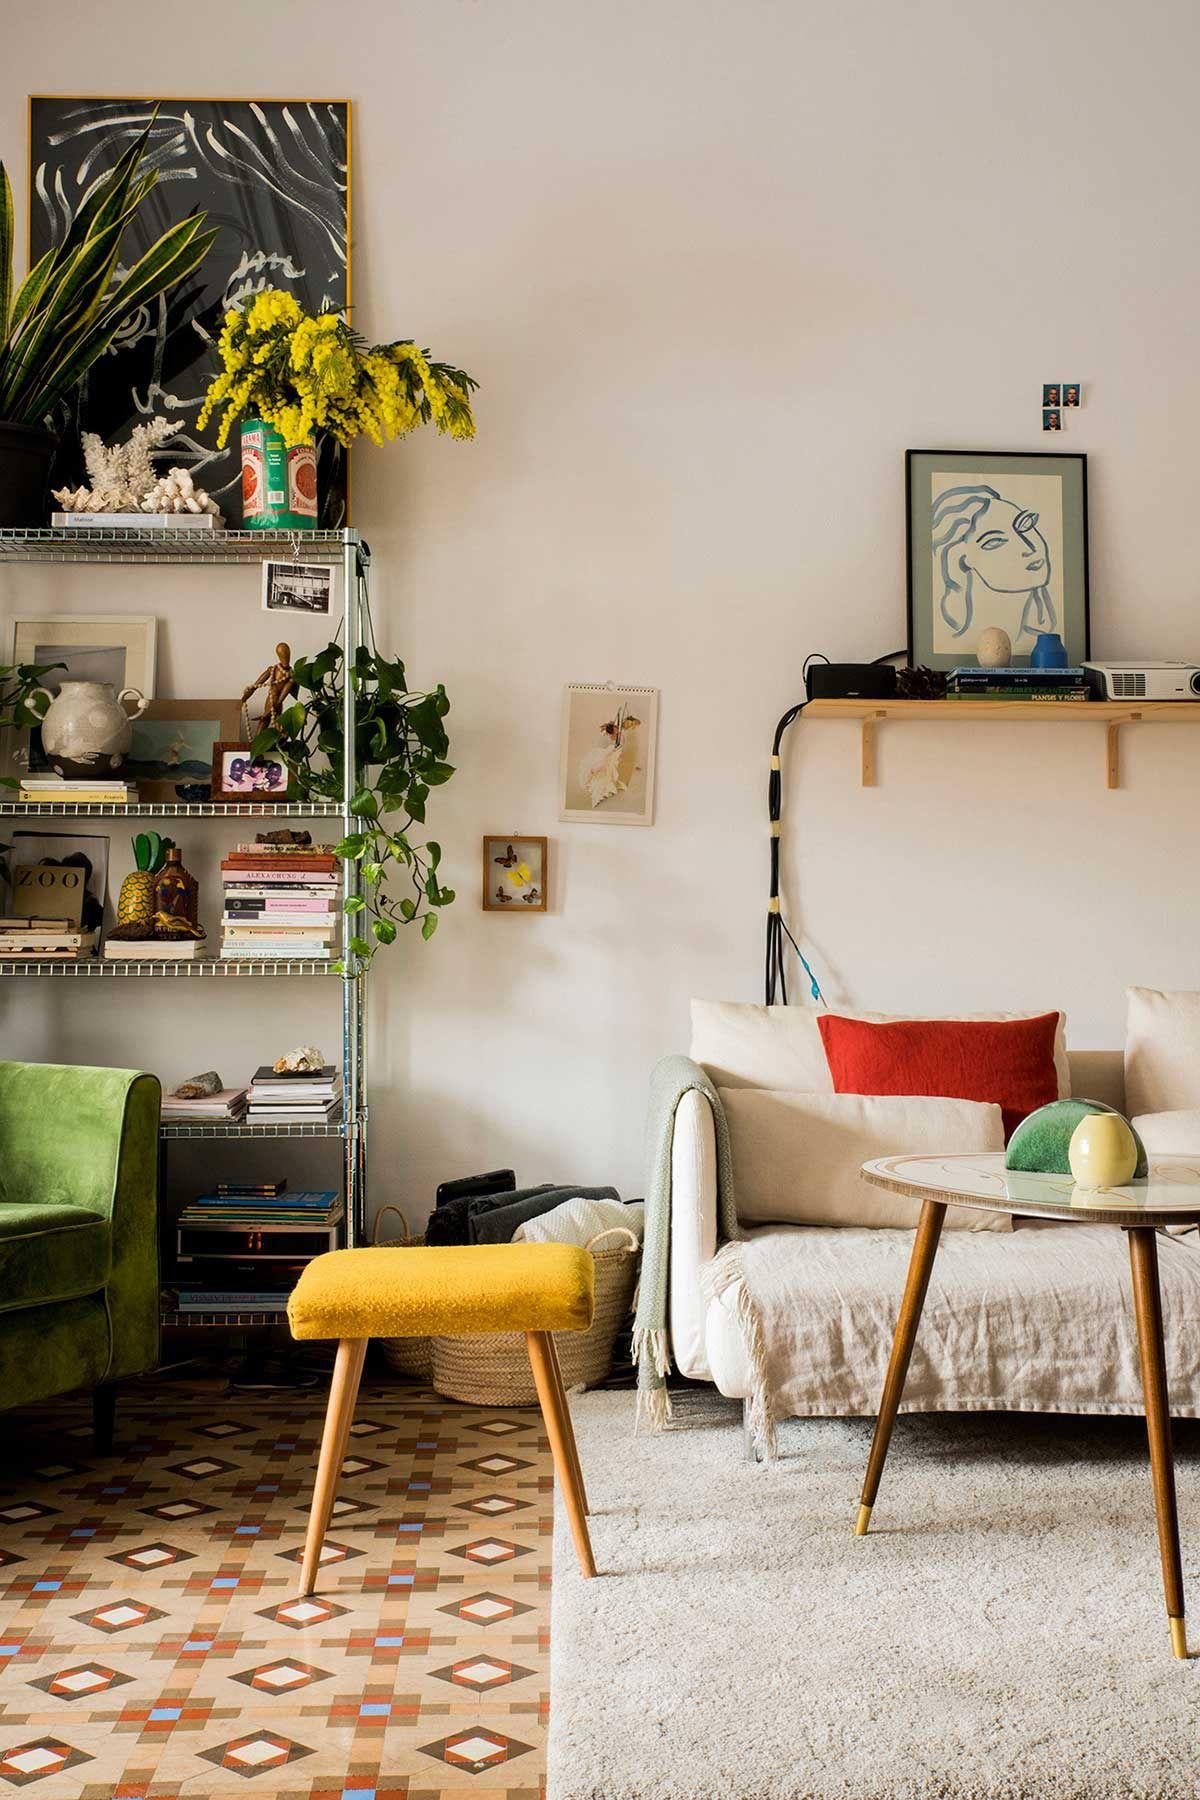 Innenarchitektur wohnzimmer für kleine wohnung gravityhome home in barcelona  interior design u architecture